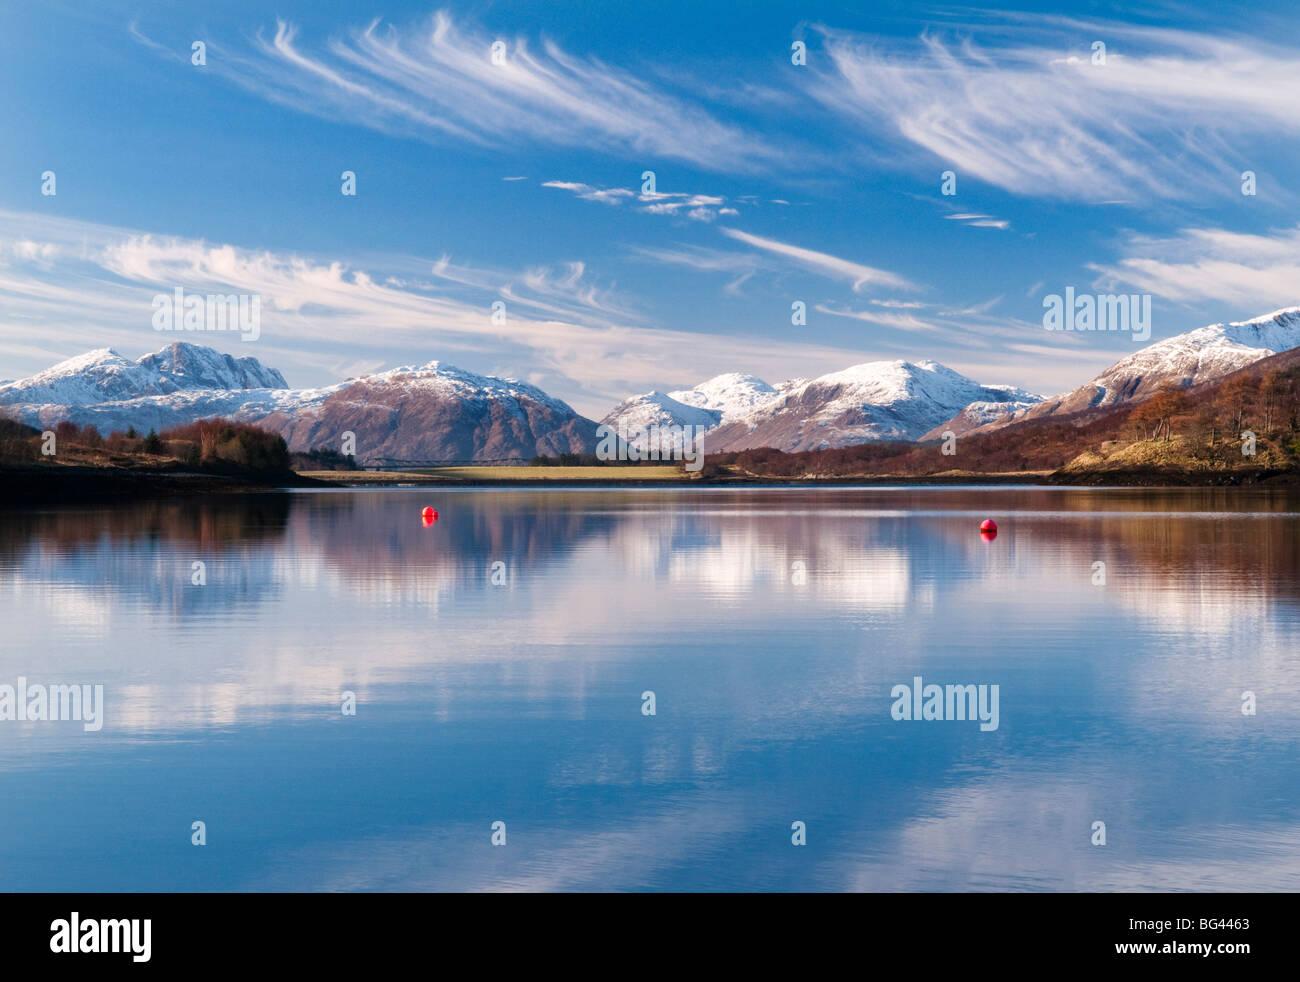 Reflexiones en Loch Leven, Glencoe, Scotland, Reino Unido Imagen De Stock